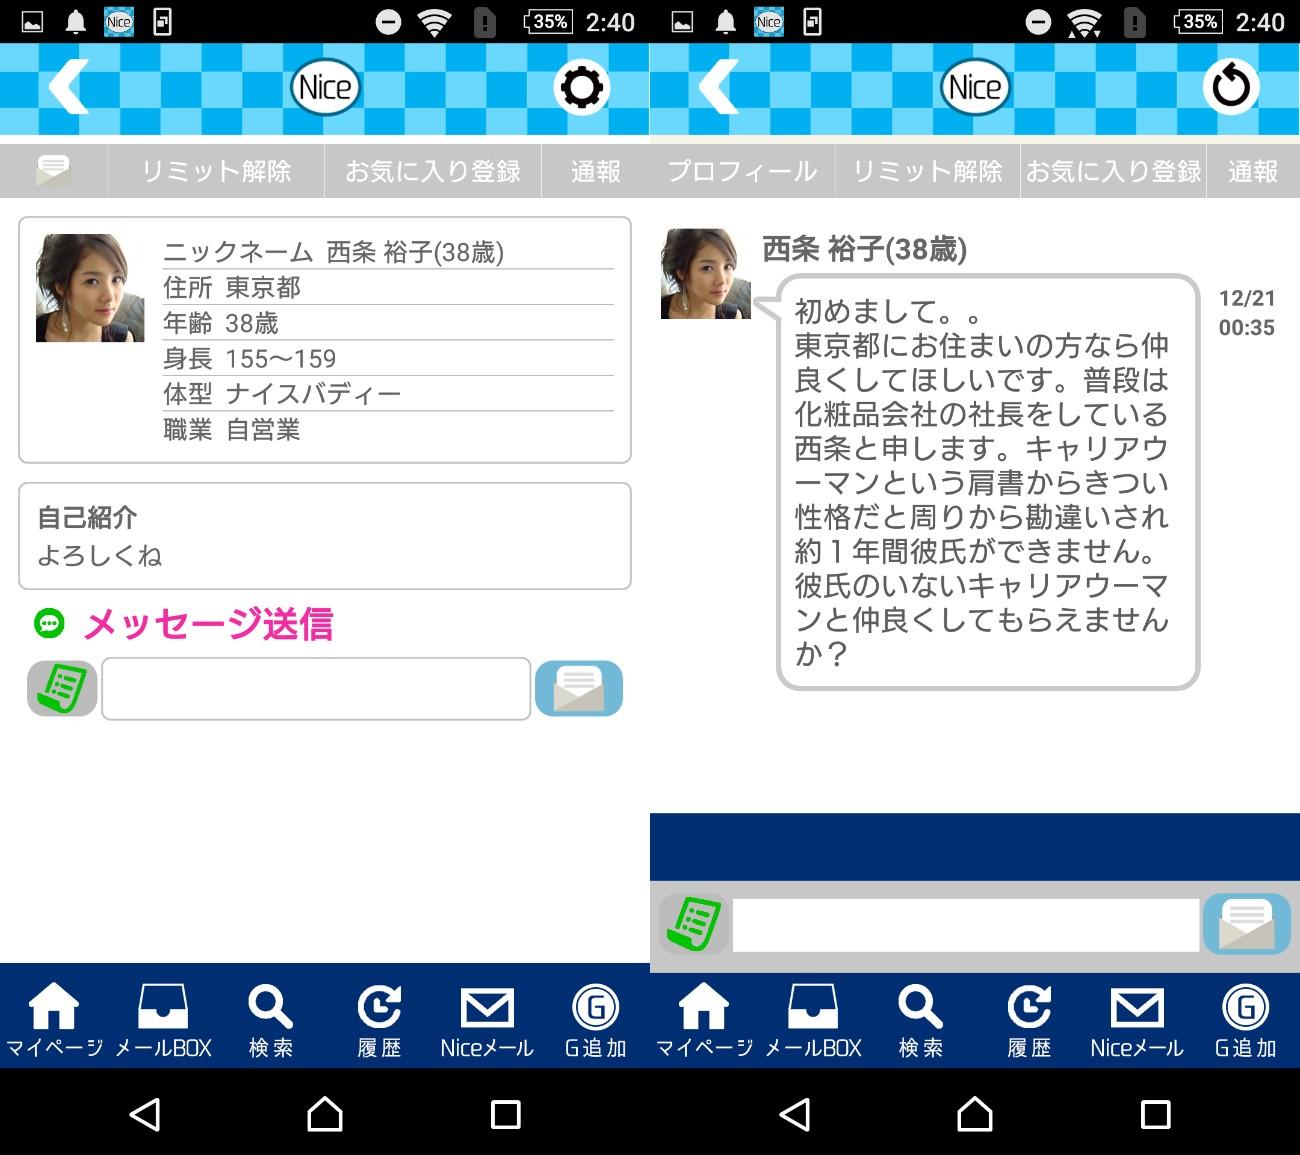 簡単登録で楽しくNiceTalk:恋活マッチングSNSアプリサクラの西条裕子